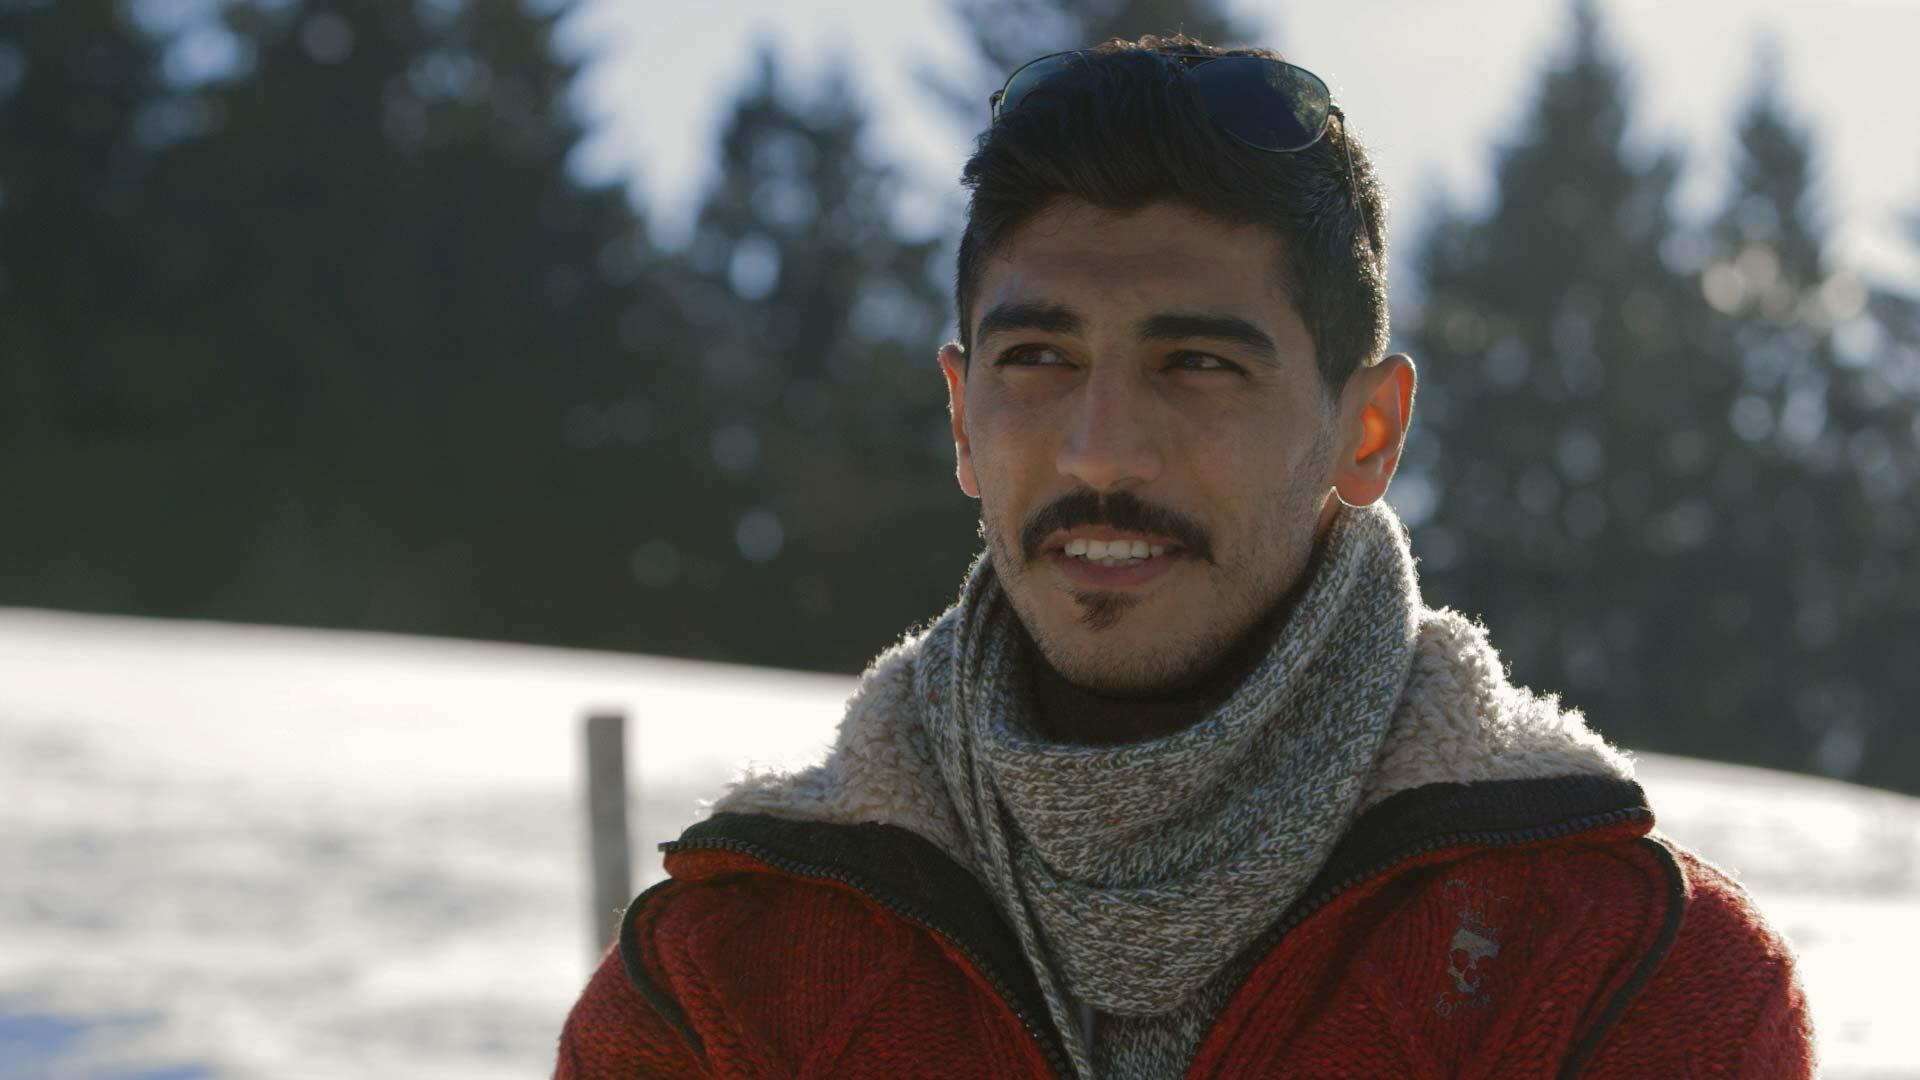 geflüchteter Syrer vor verschneiter Landschaft